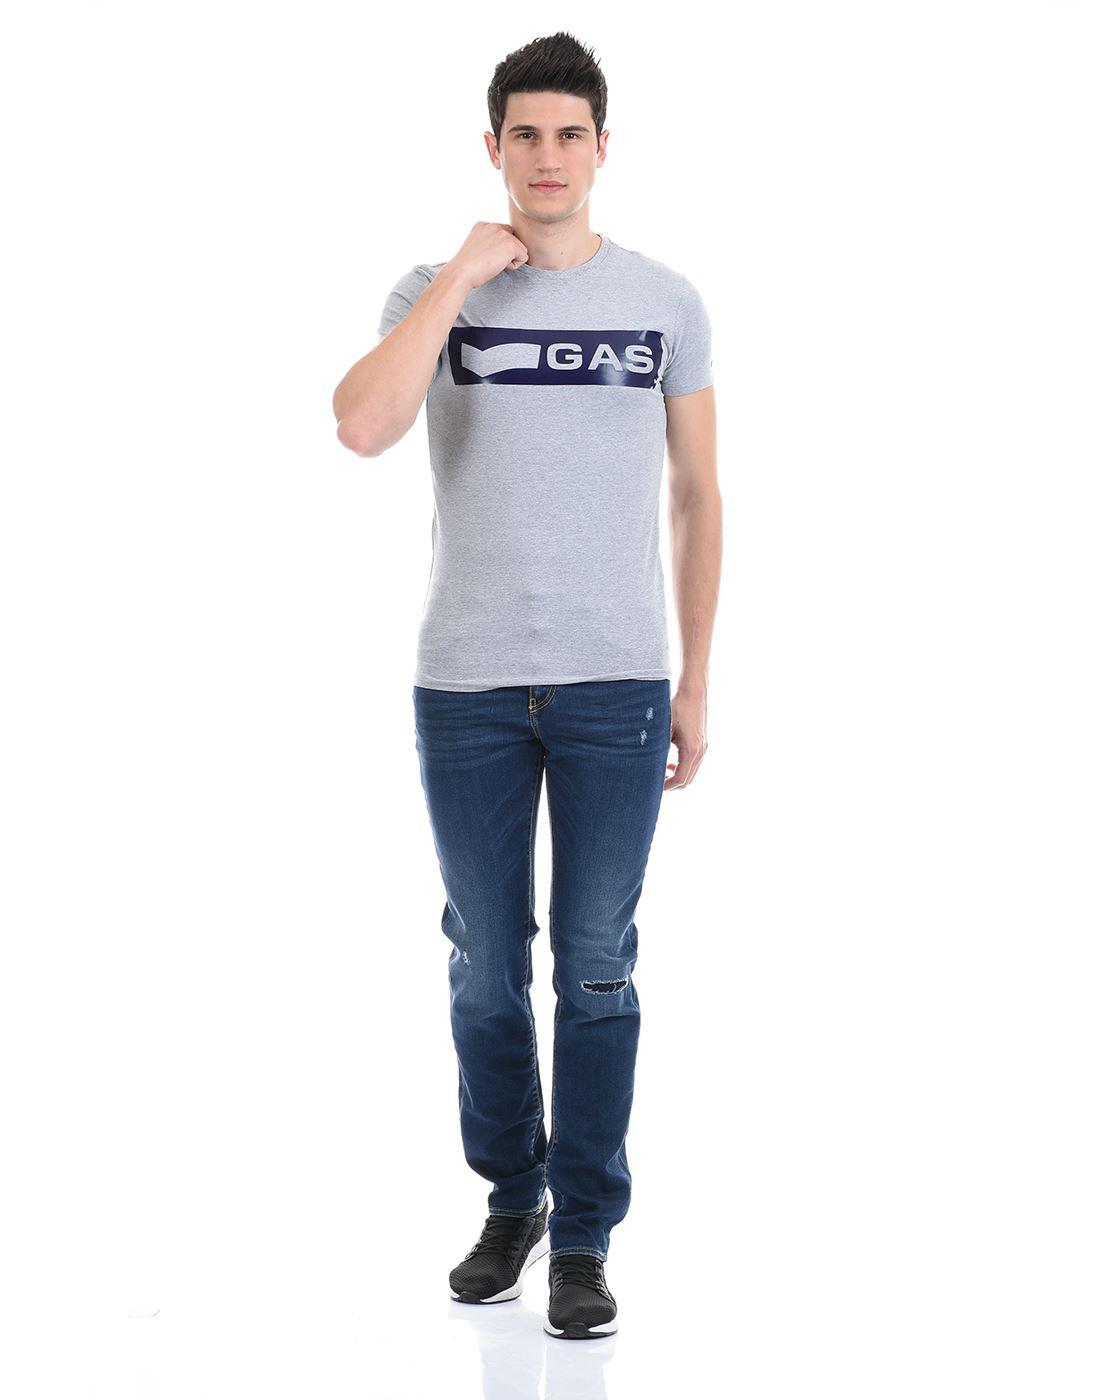 Gas Jeans Men Casual Wear Blue Jeans